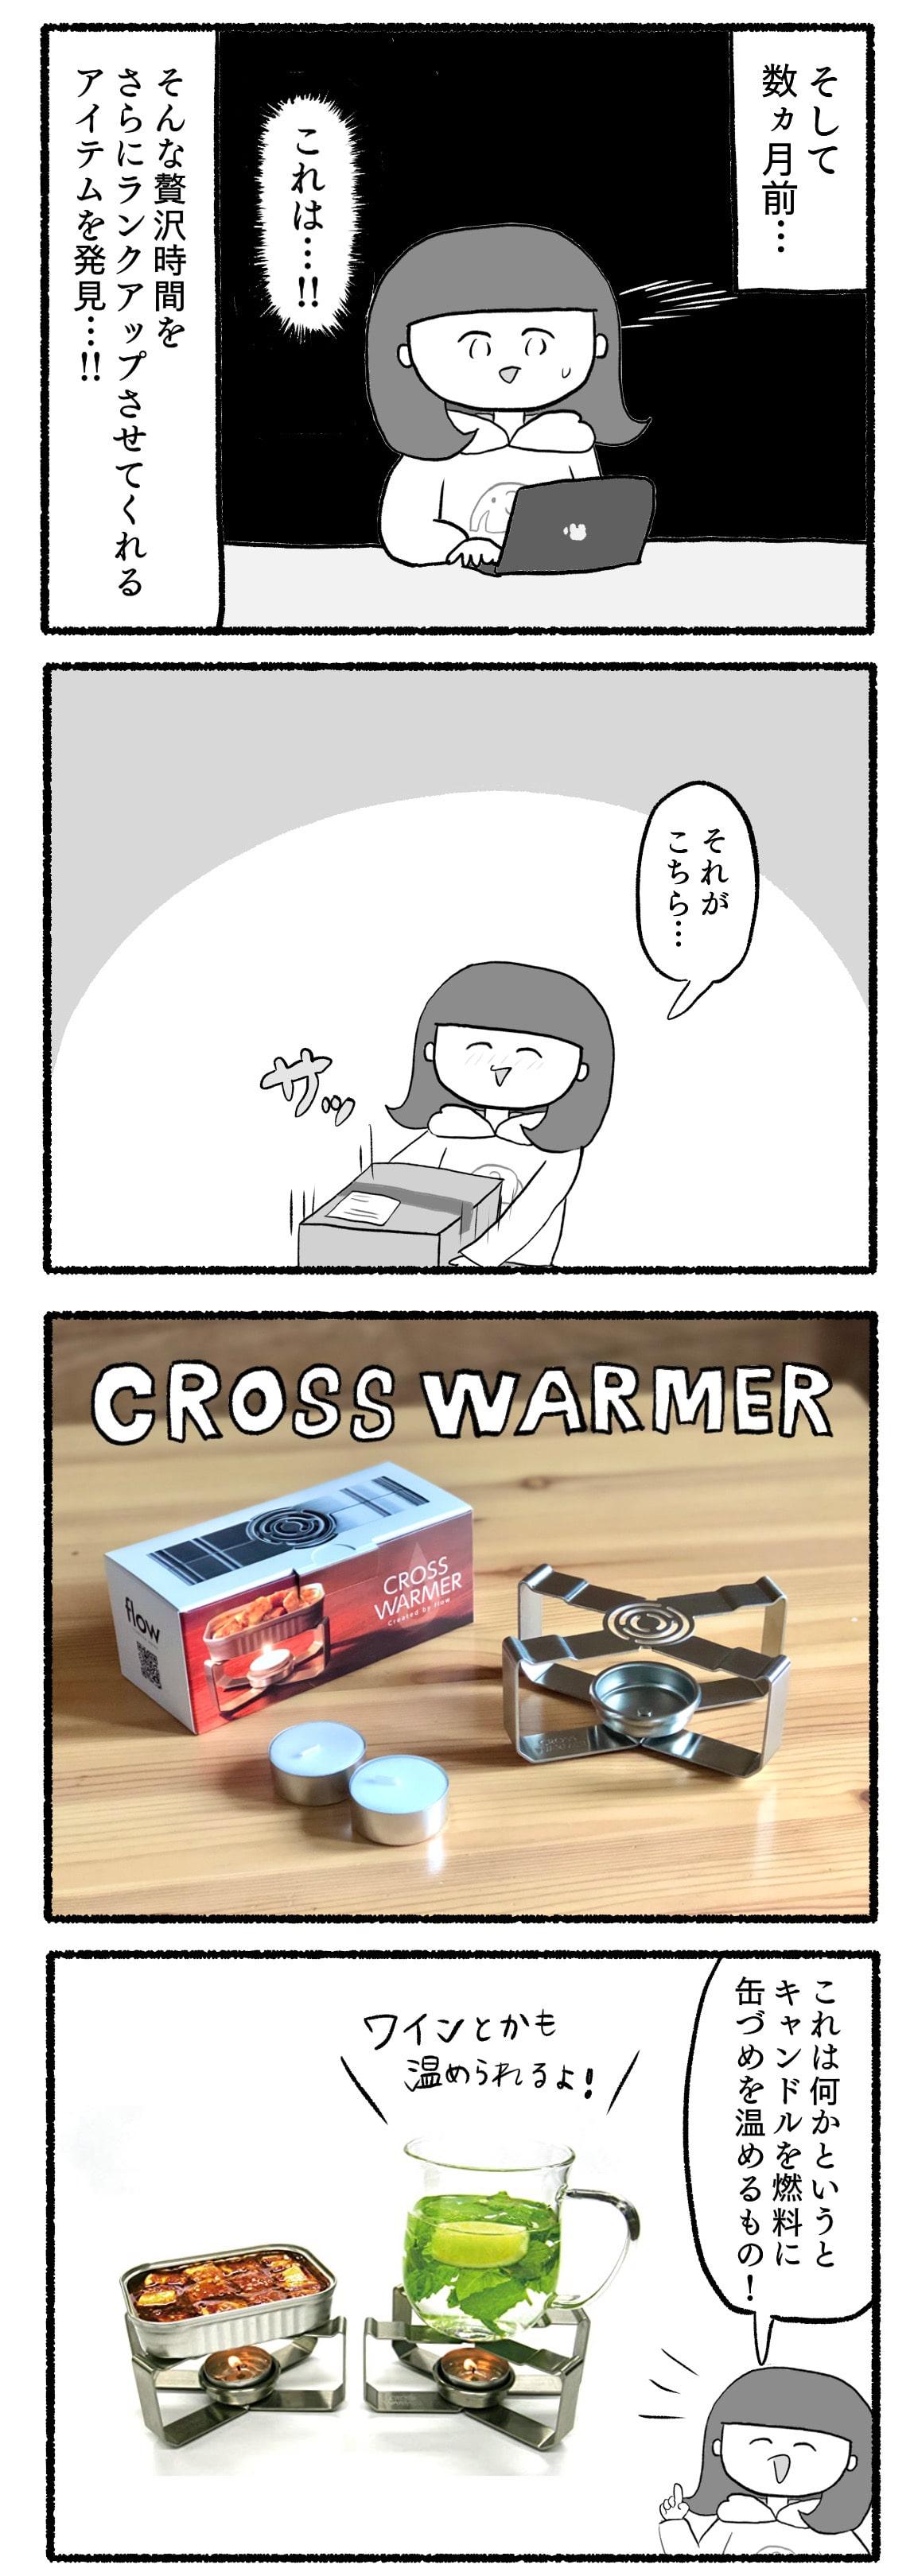 CROSS WARMER(クロスウォーマー)缶詰 あたためる